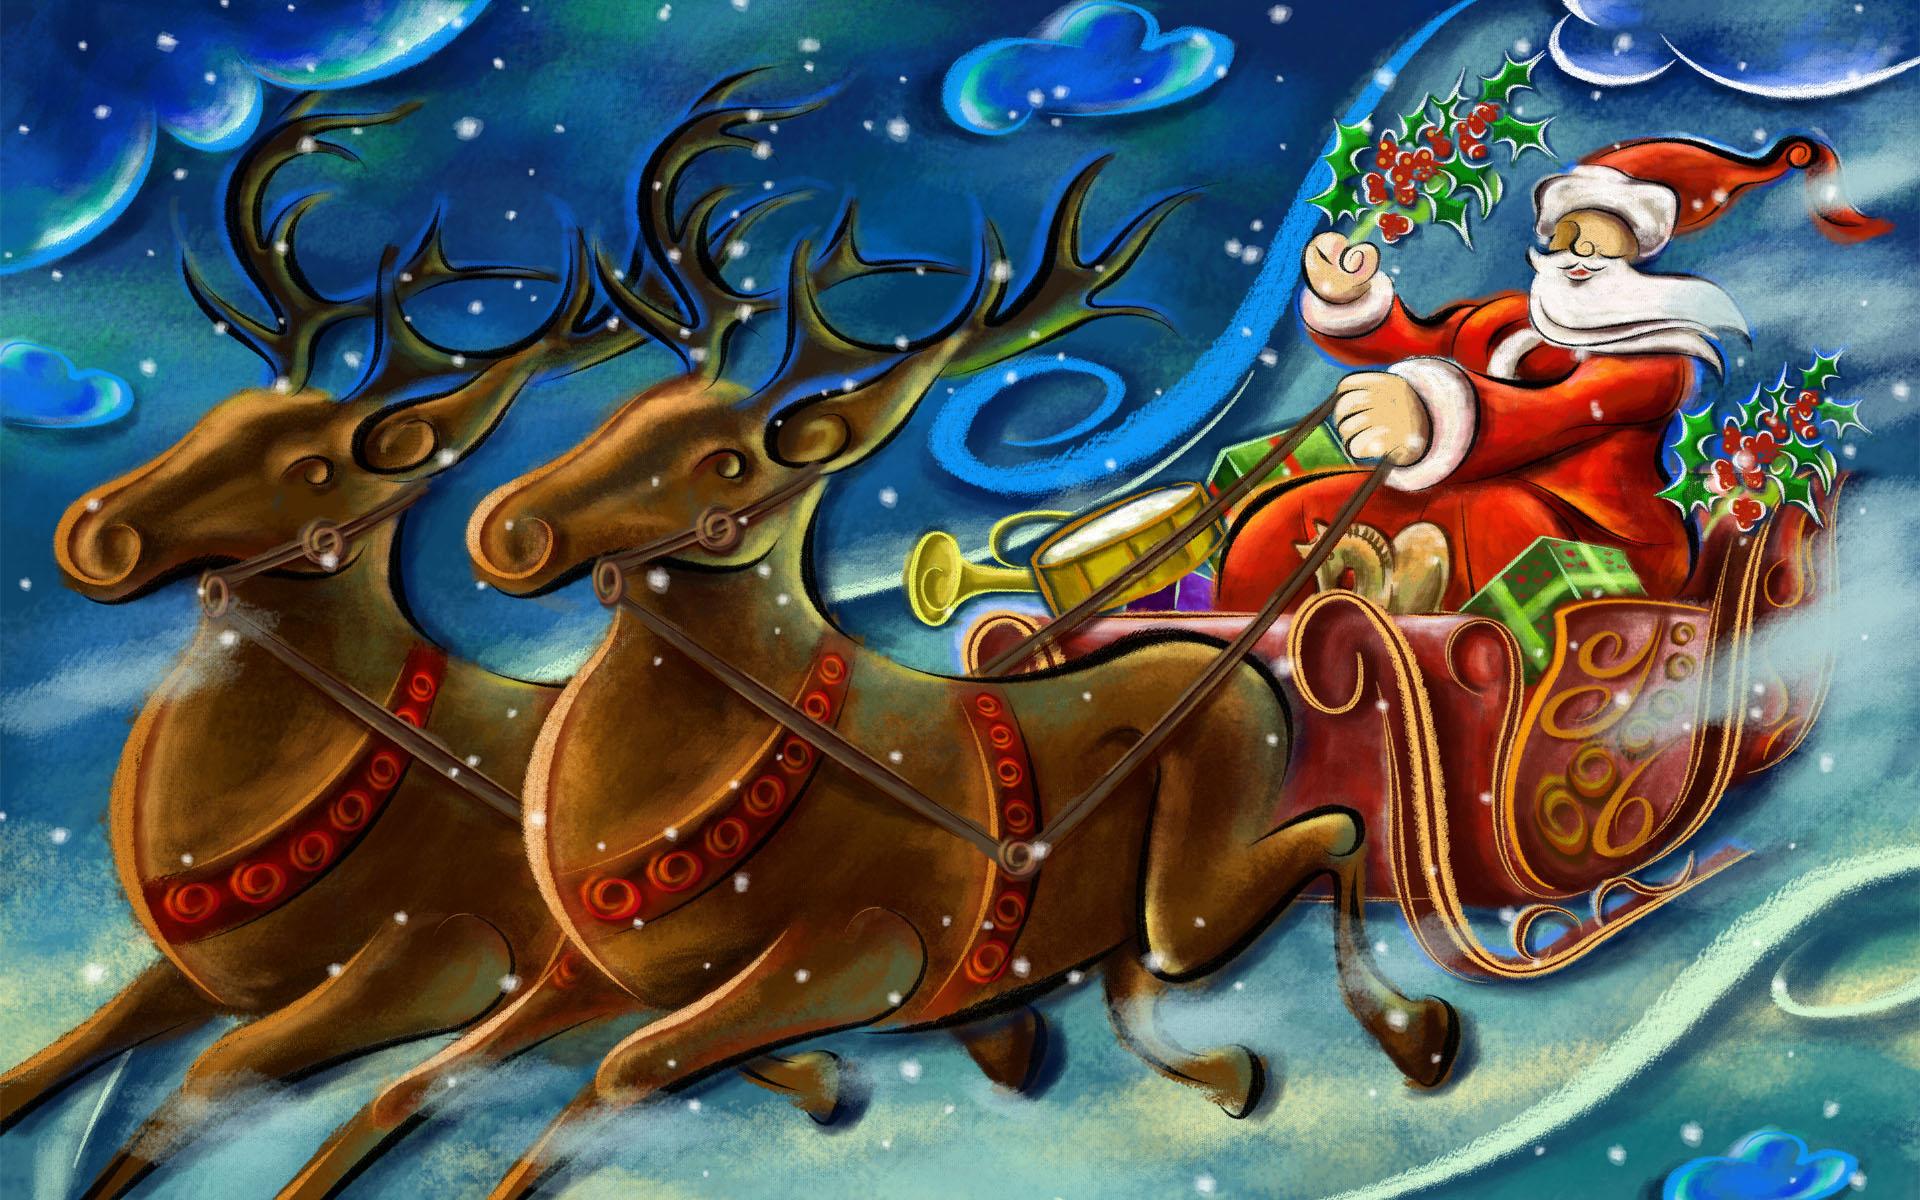 والپیپر بابانوئل و گوزن های شمالی کریسمس